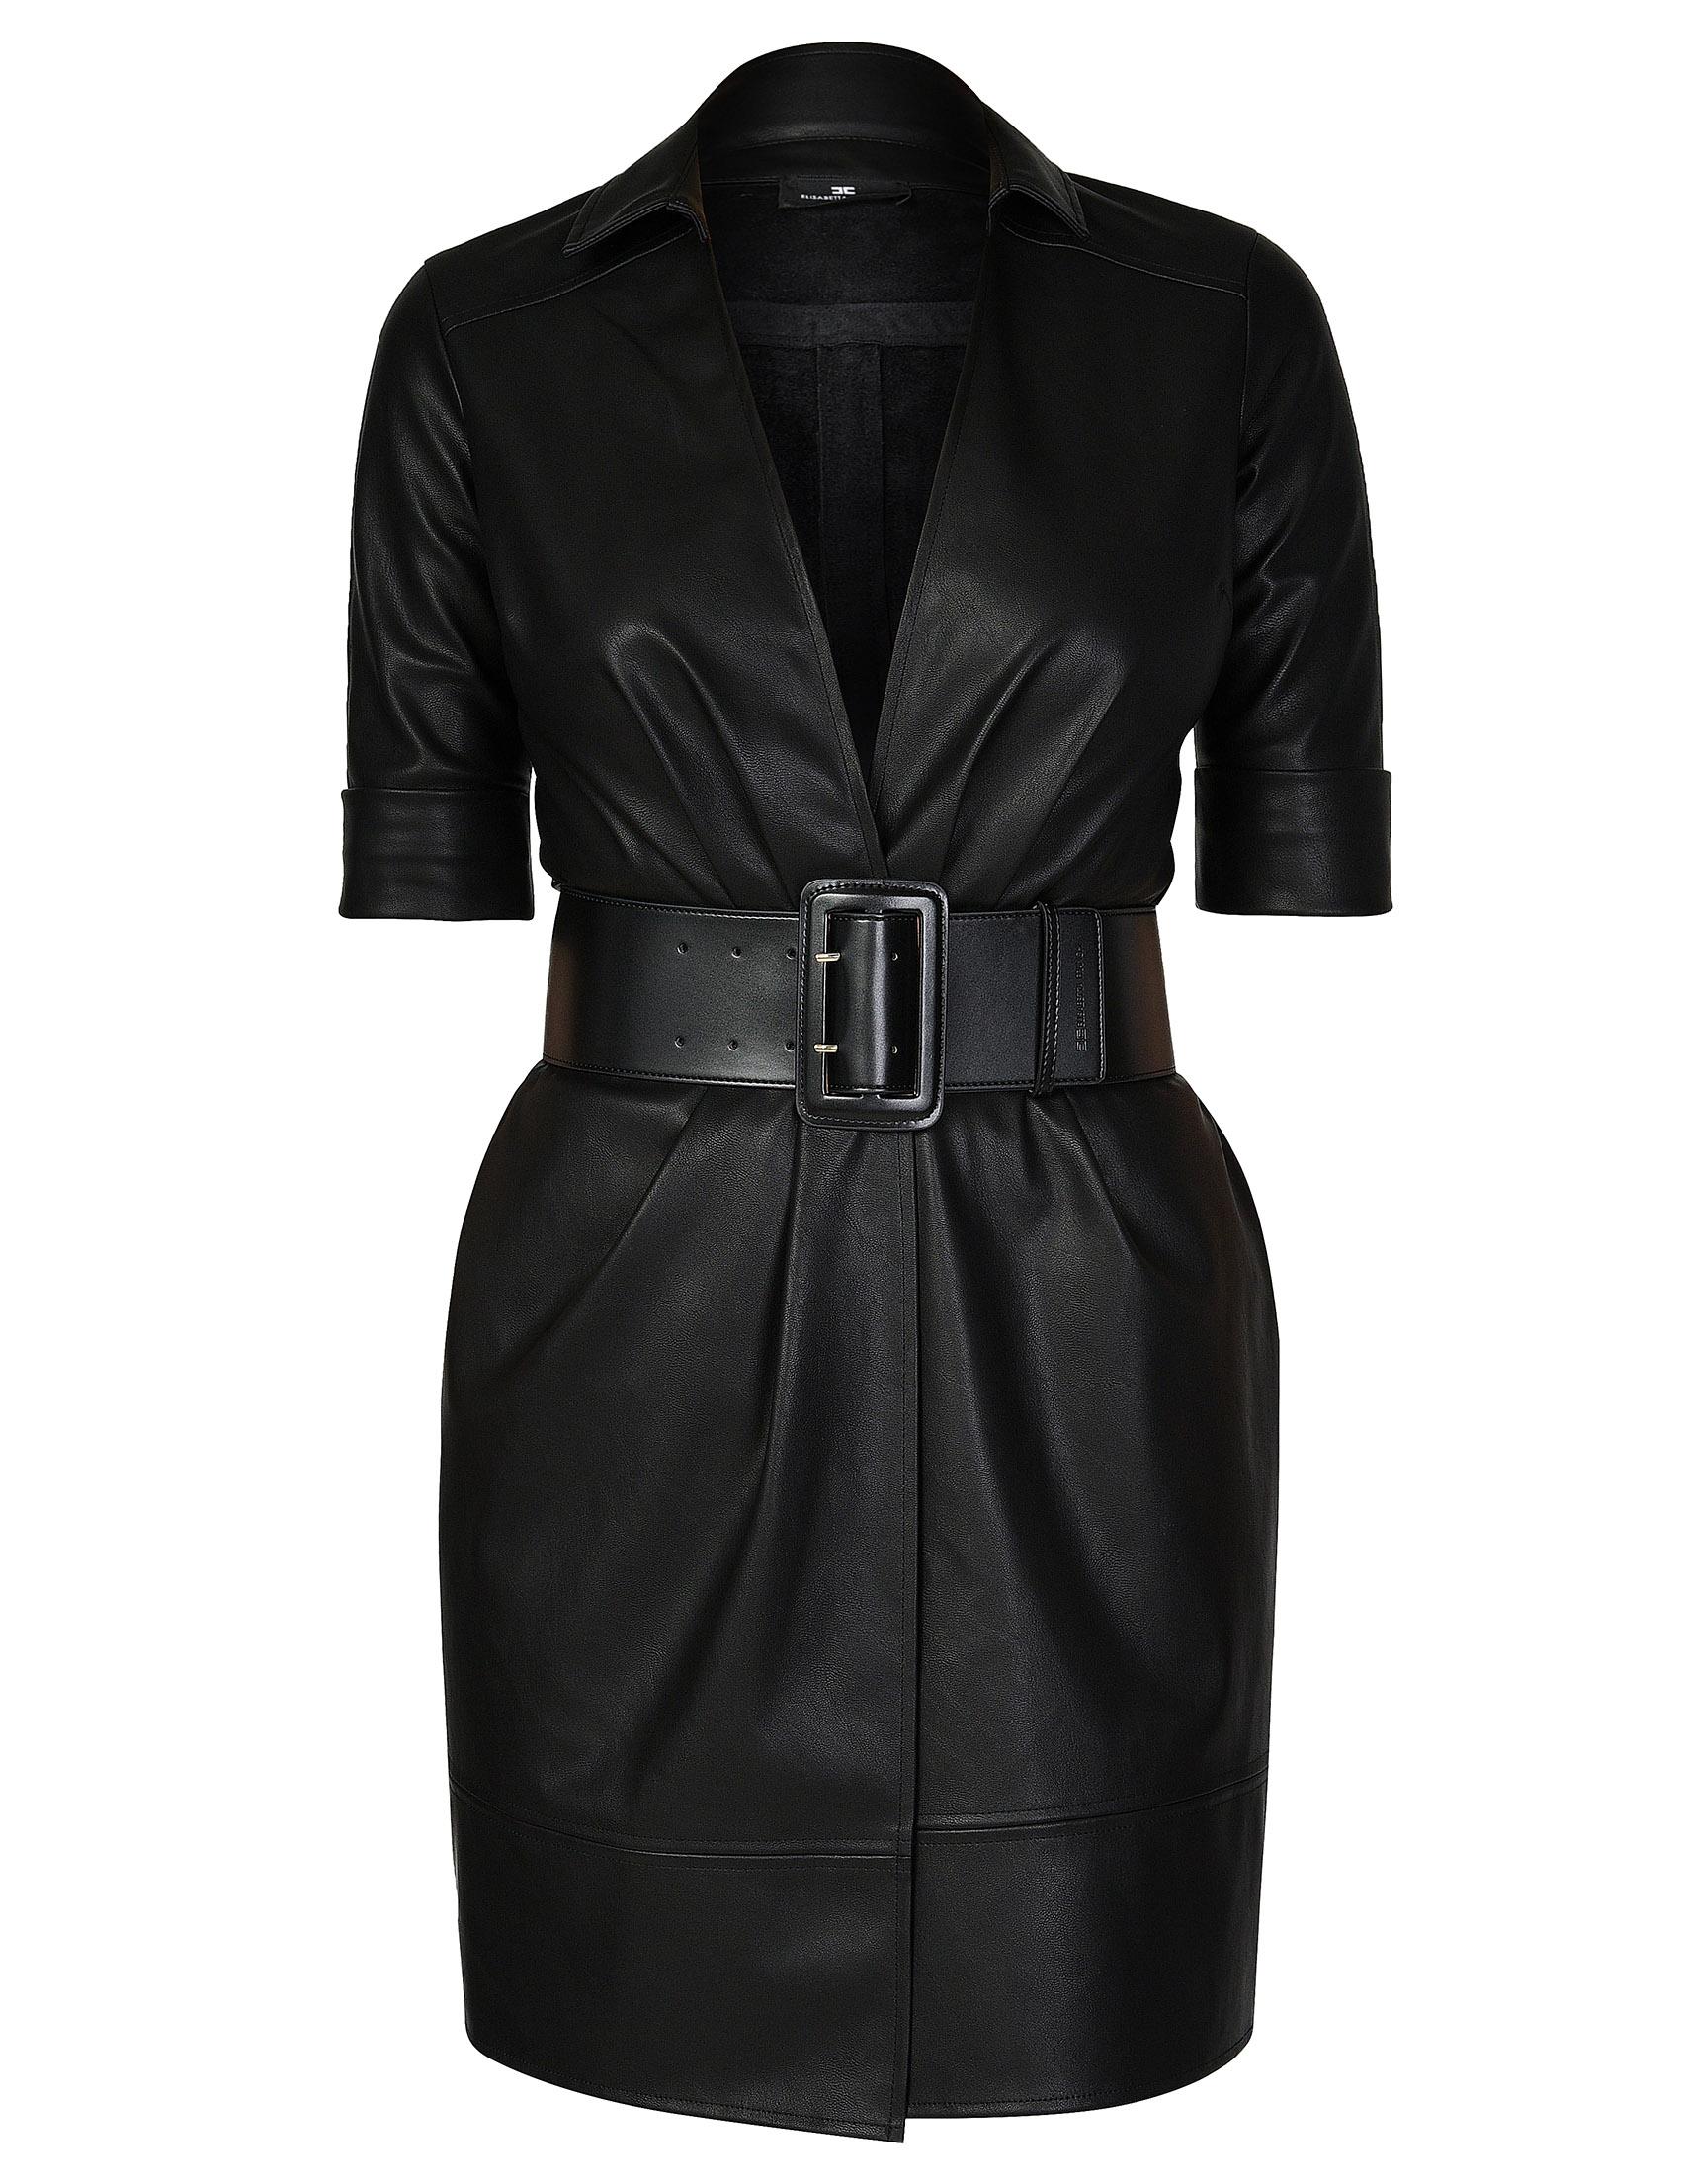 Купить Платье, ELISABETTA FRANCHI, Черный, 100%Полиэстер, Осень-Зима